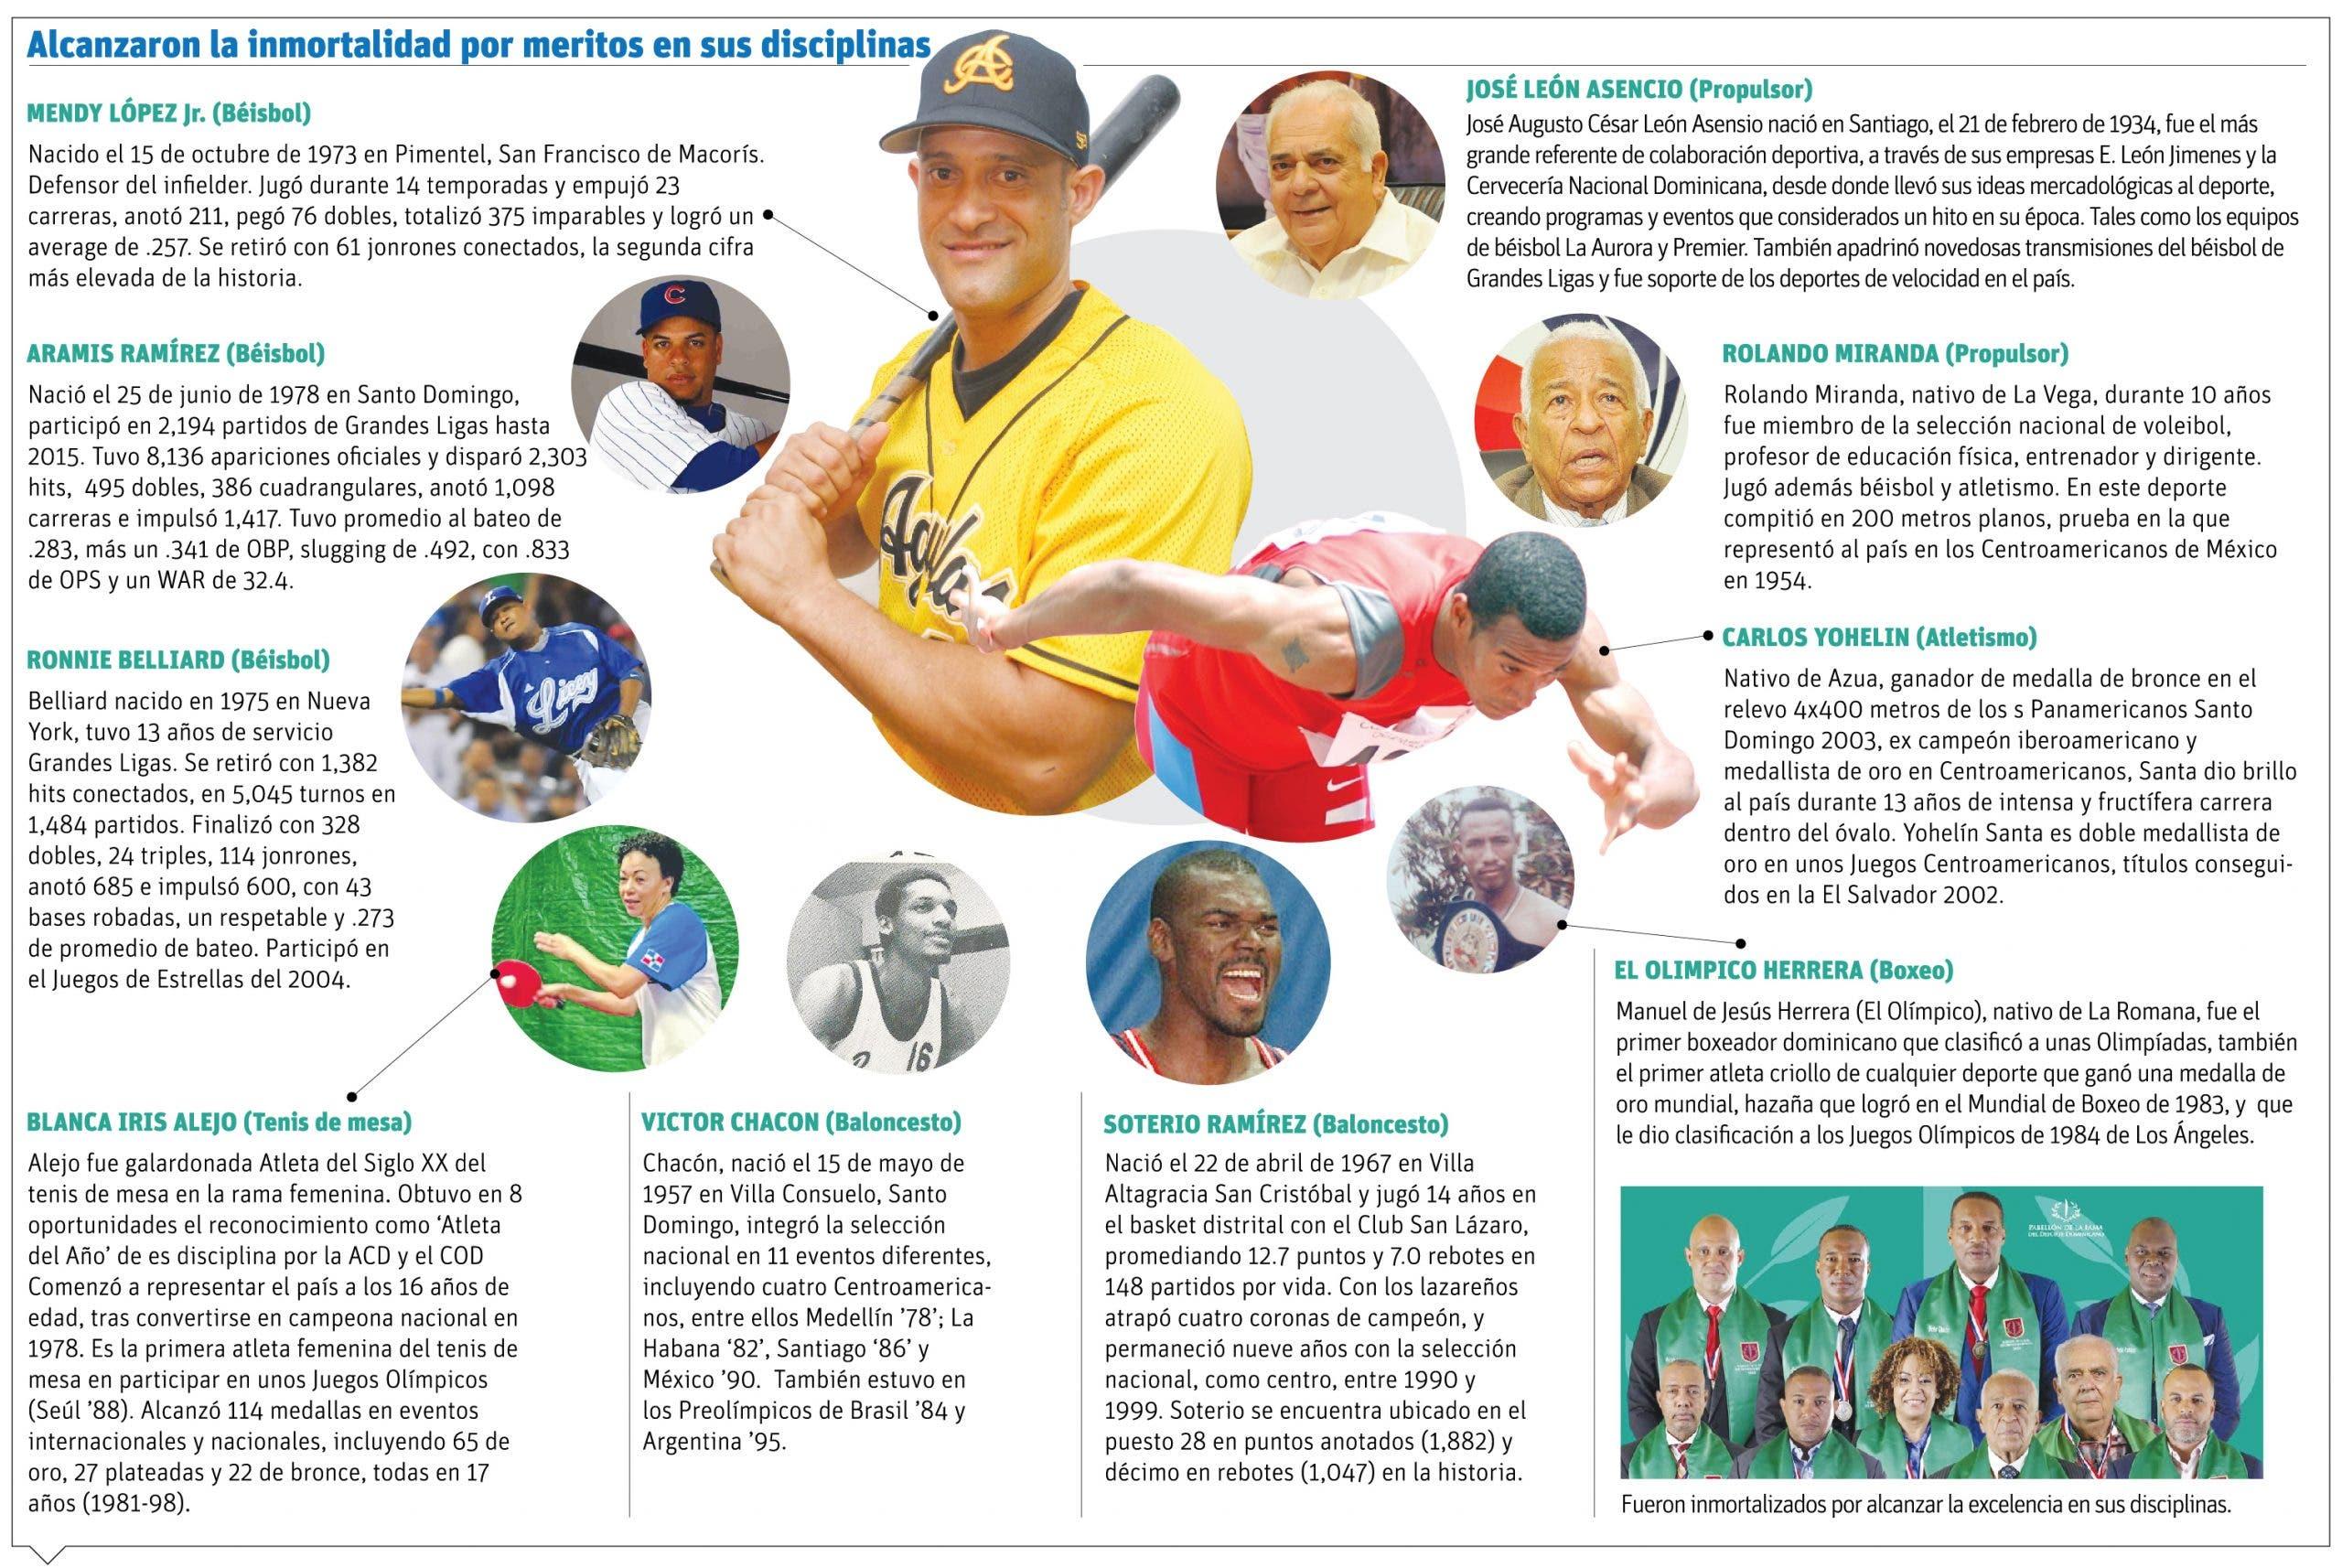 Salón de la Fama del Deporte de RD inmortaliza 10 atletas y propulsores